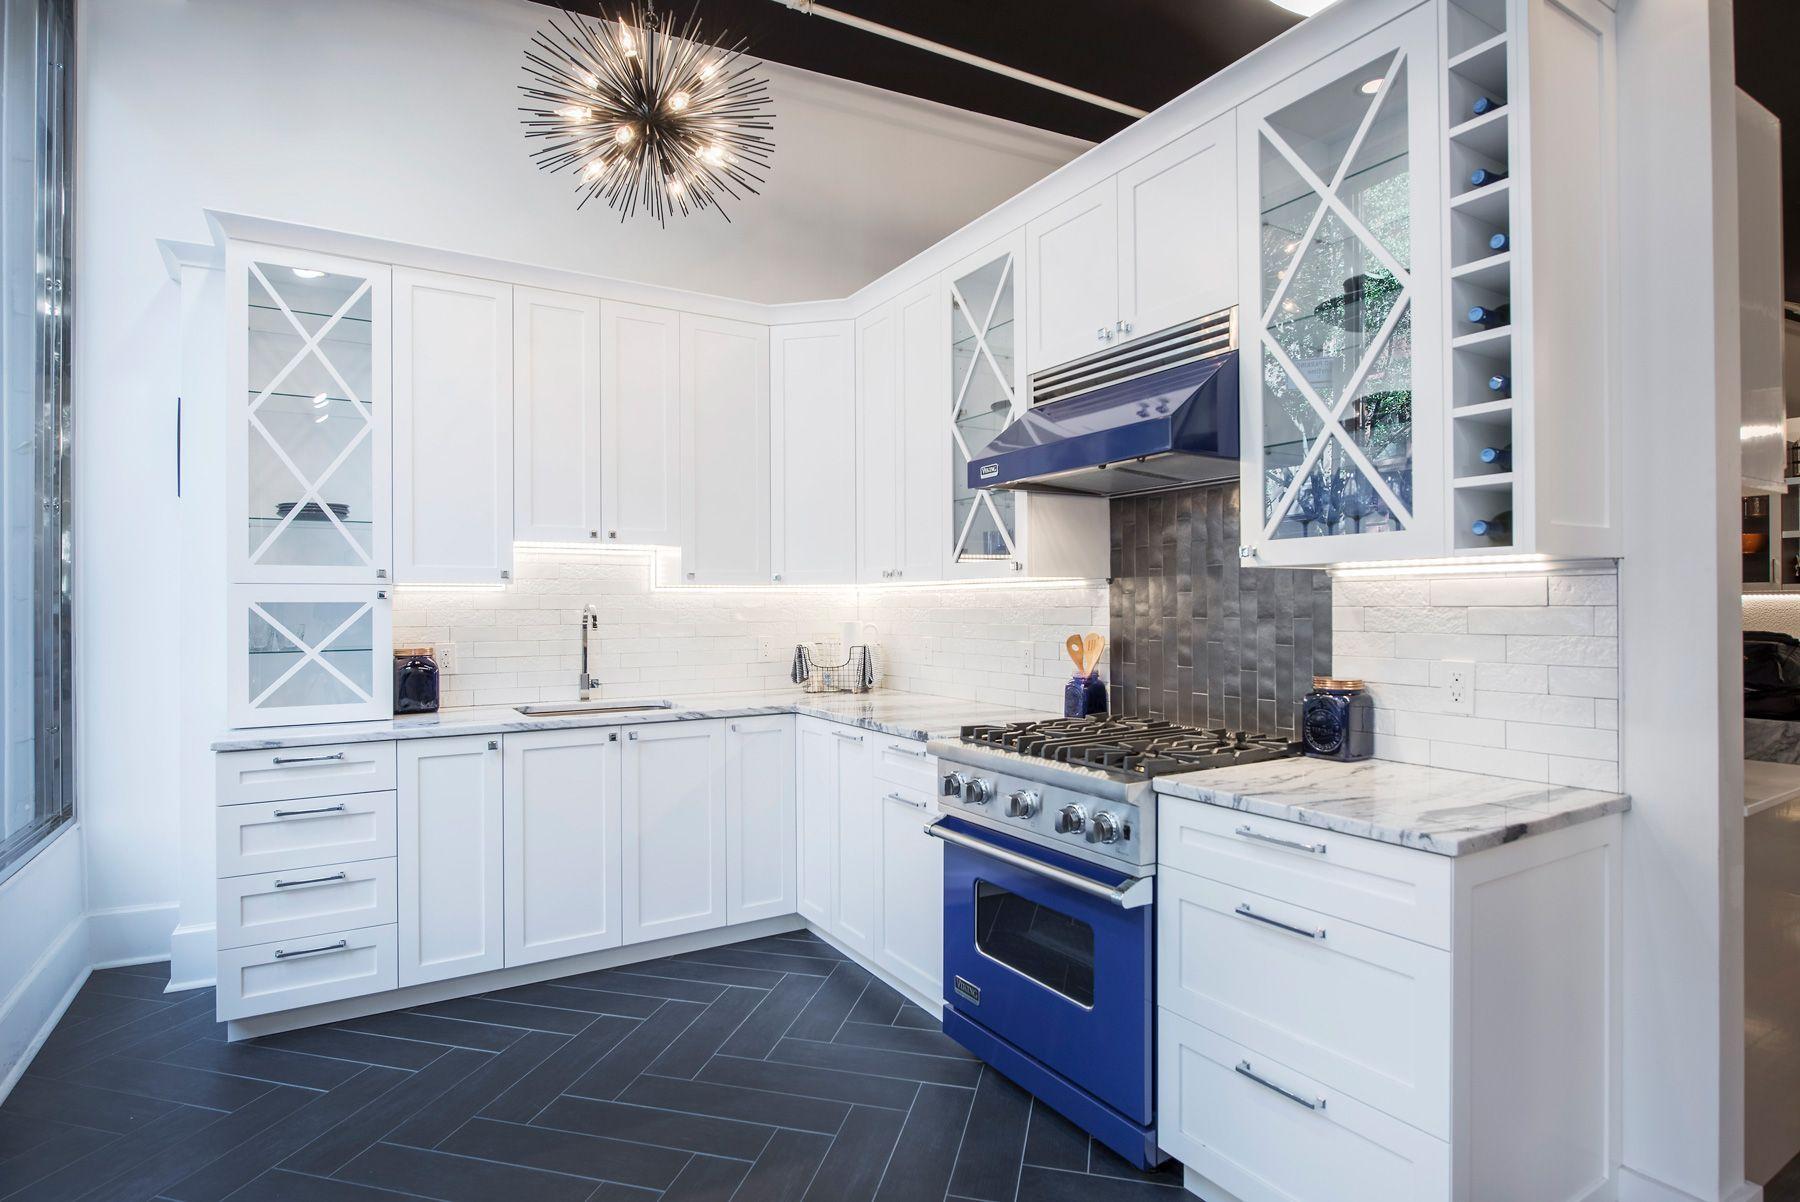 Nyc Kitchen And Bath Showroom White Cabinets Subway Tile